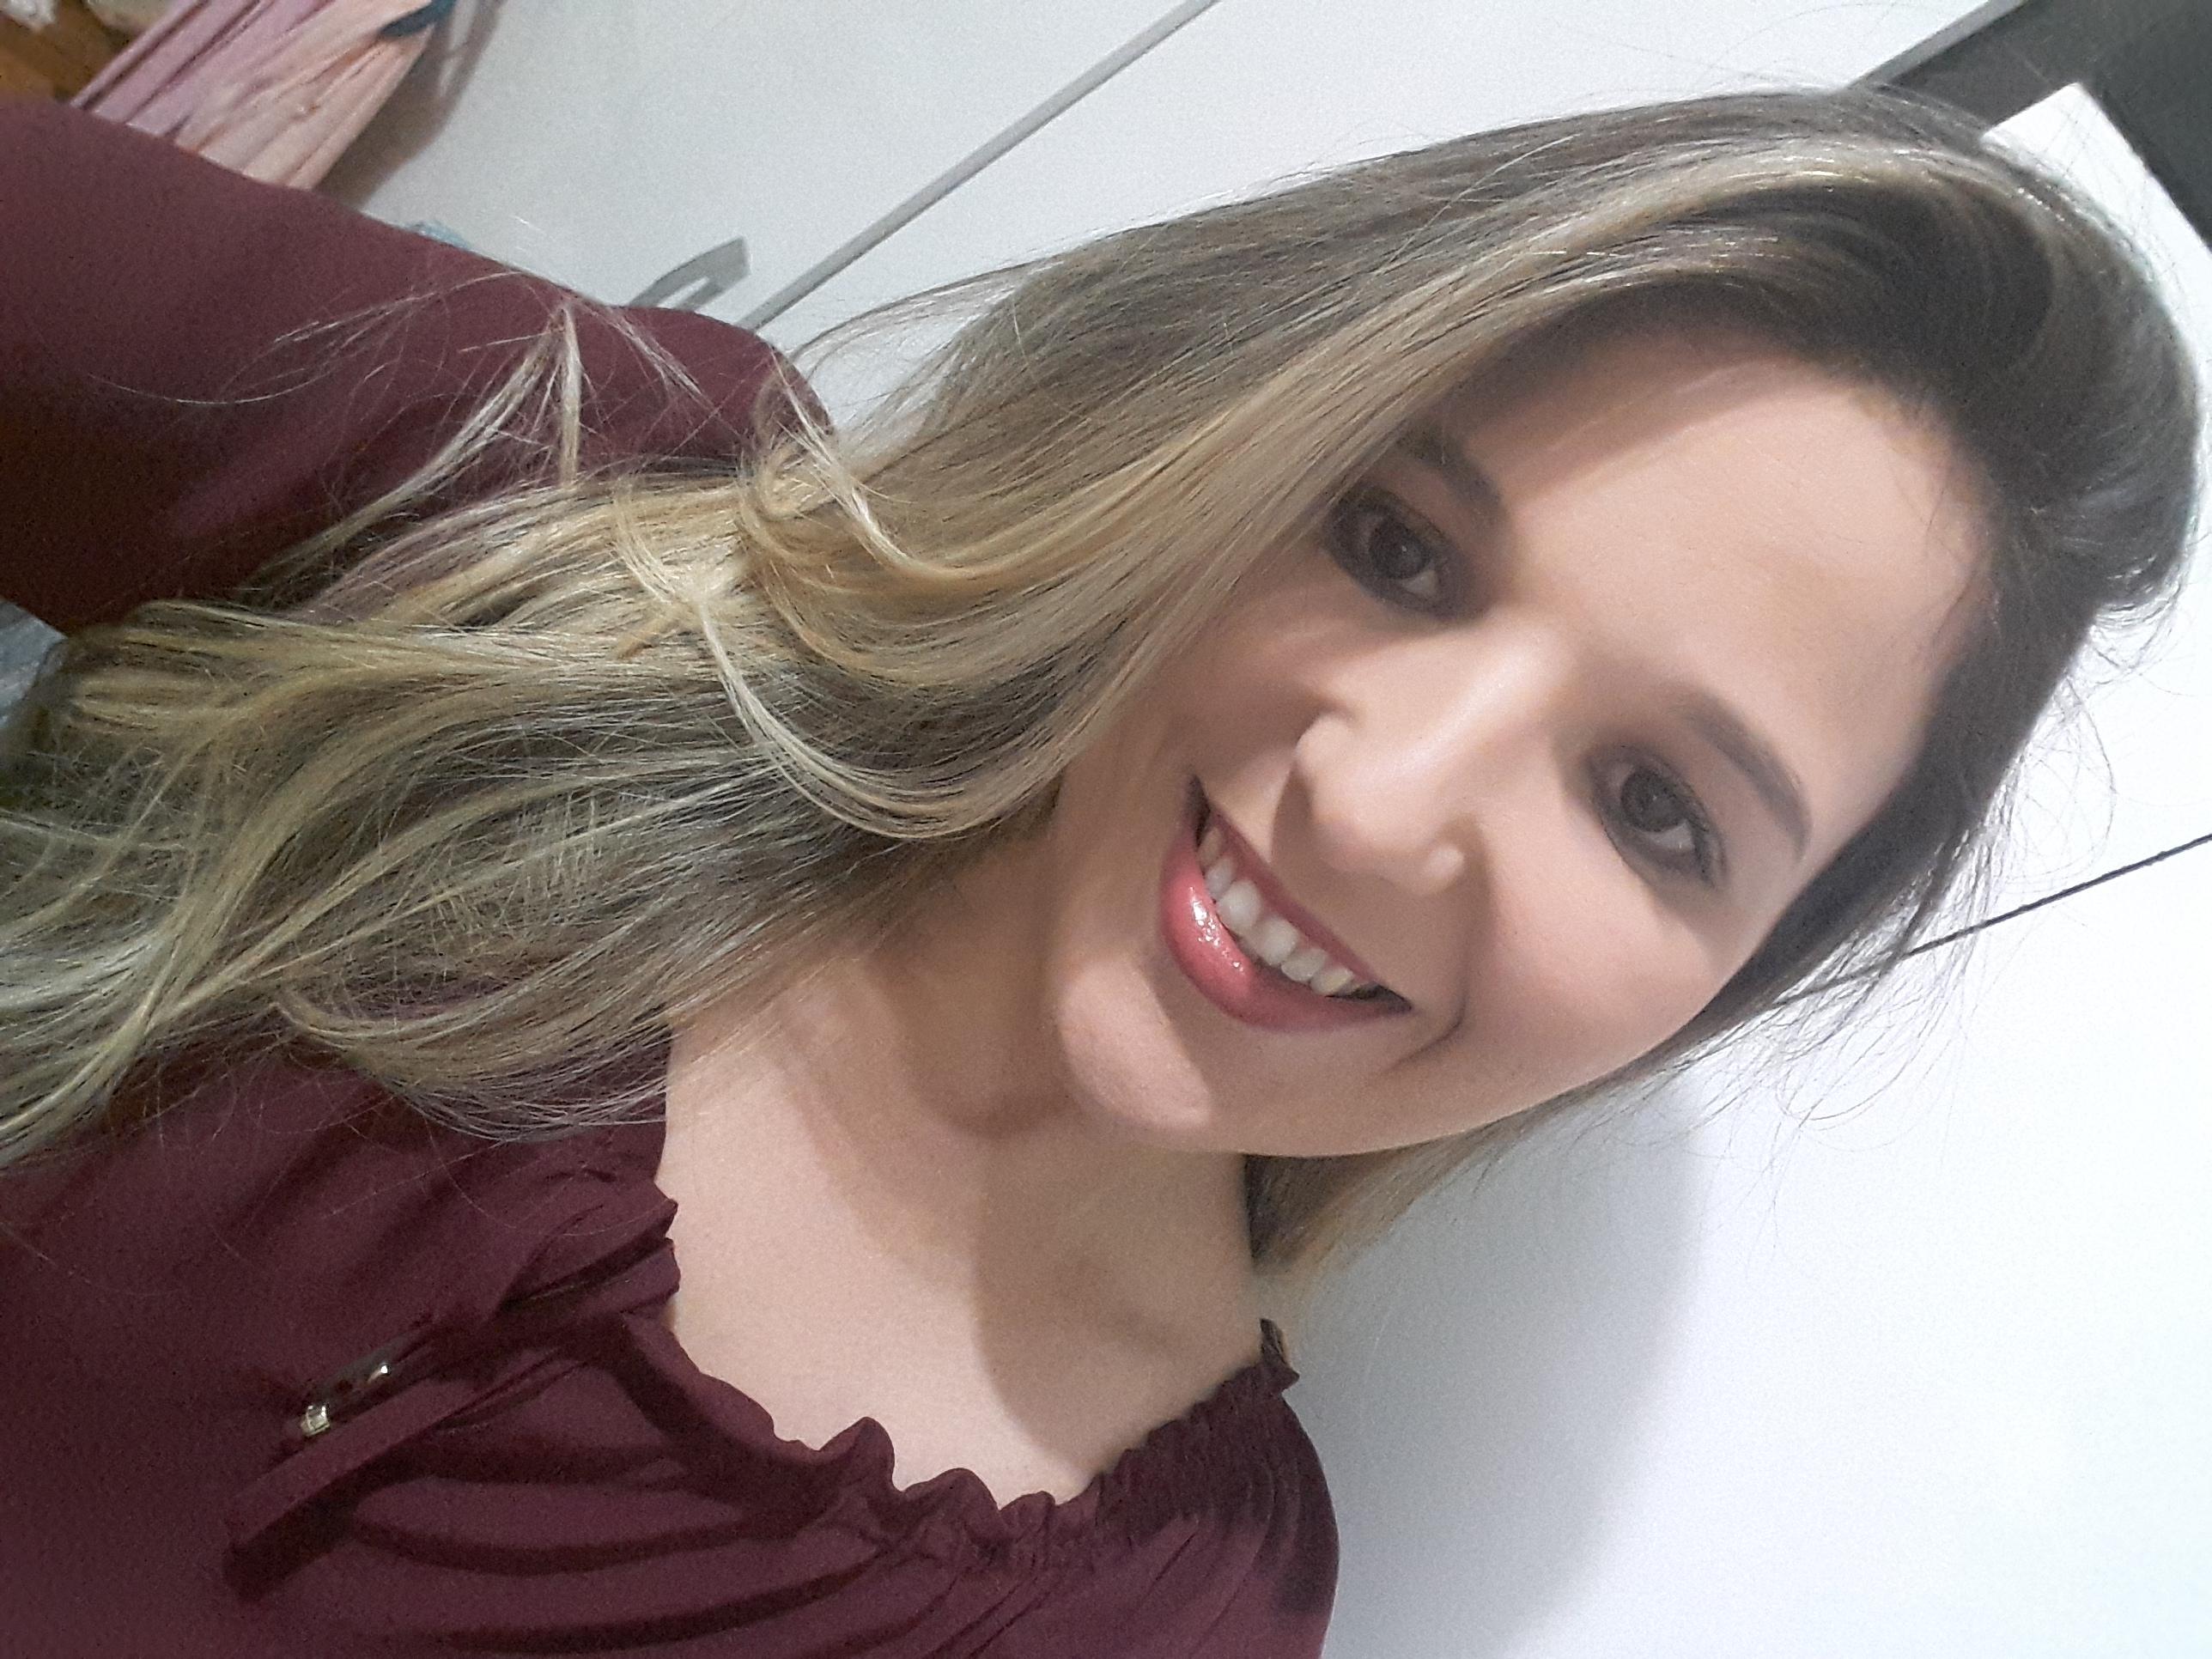 Priscilla Souza